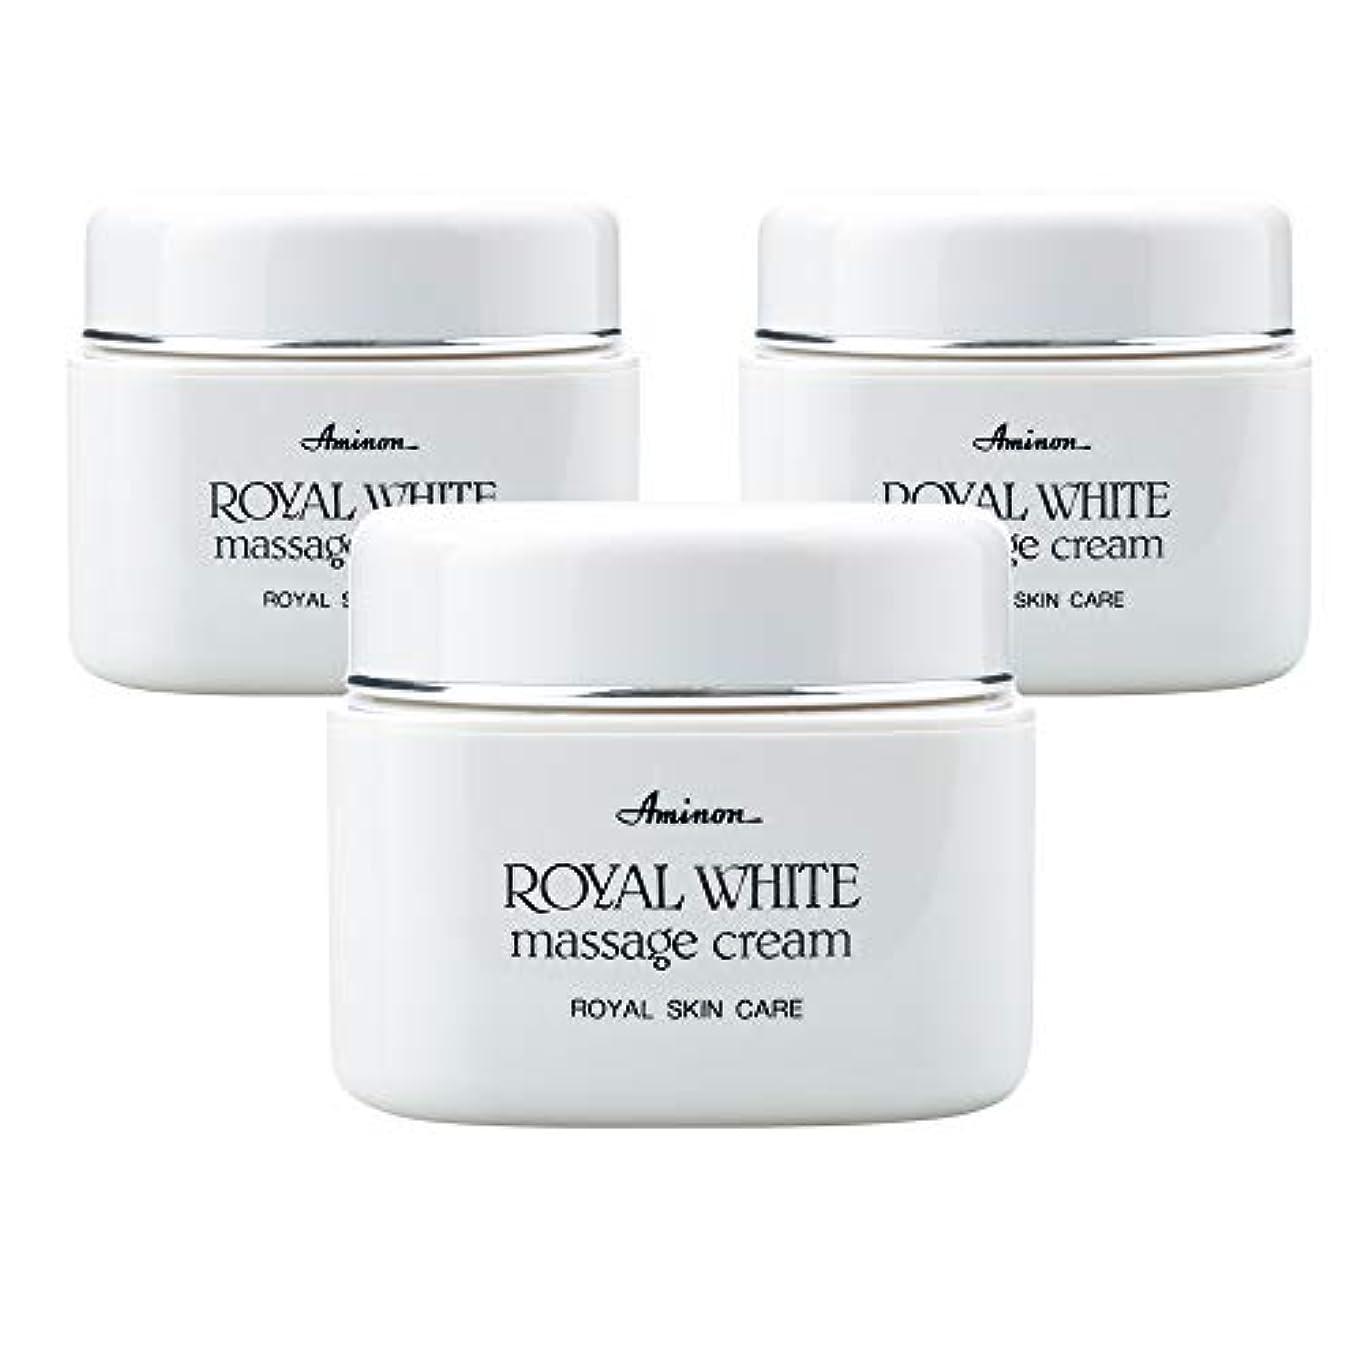 化粧機動テスピアンアミノン ロイヤルホワイトマッサージクリーム 85g (3個セット)